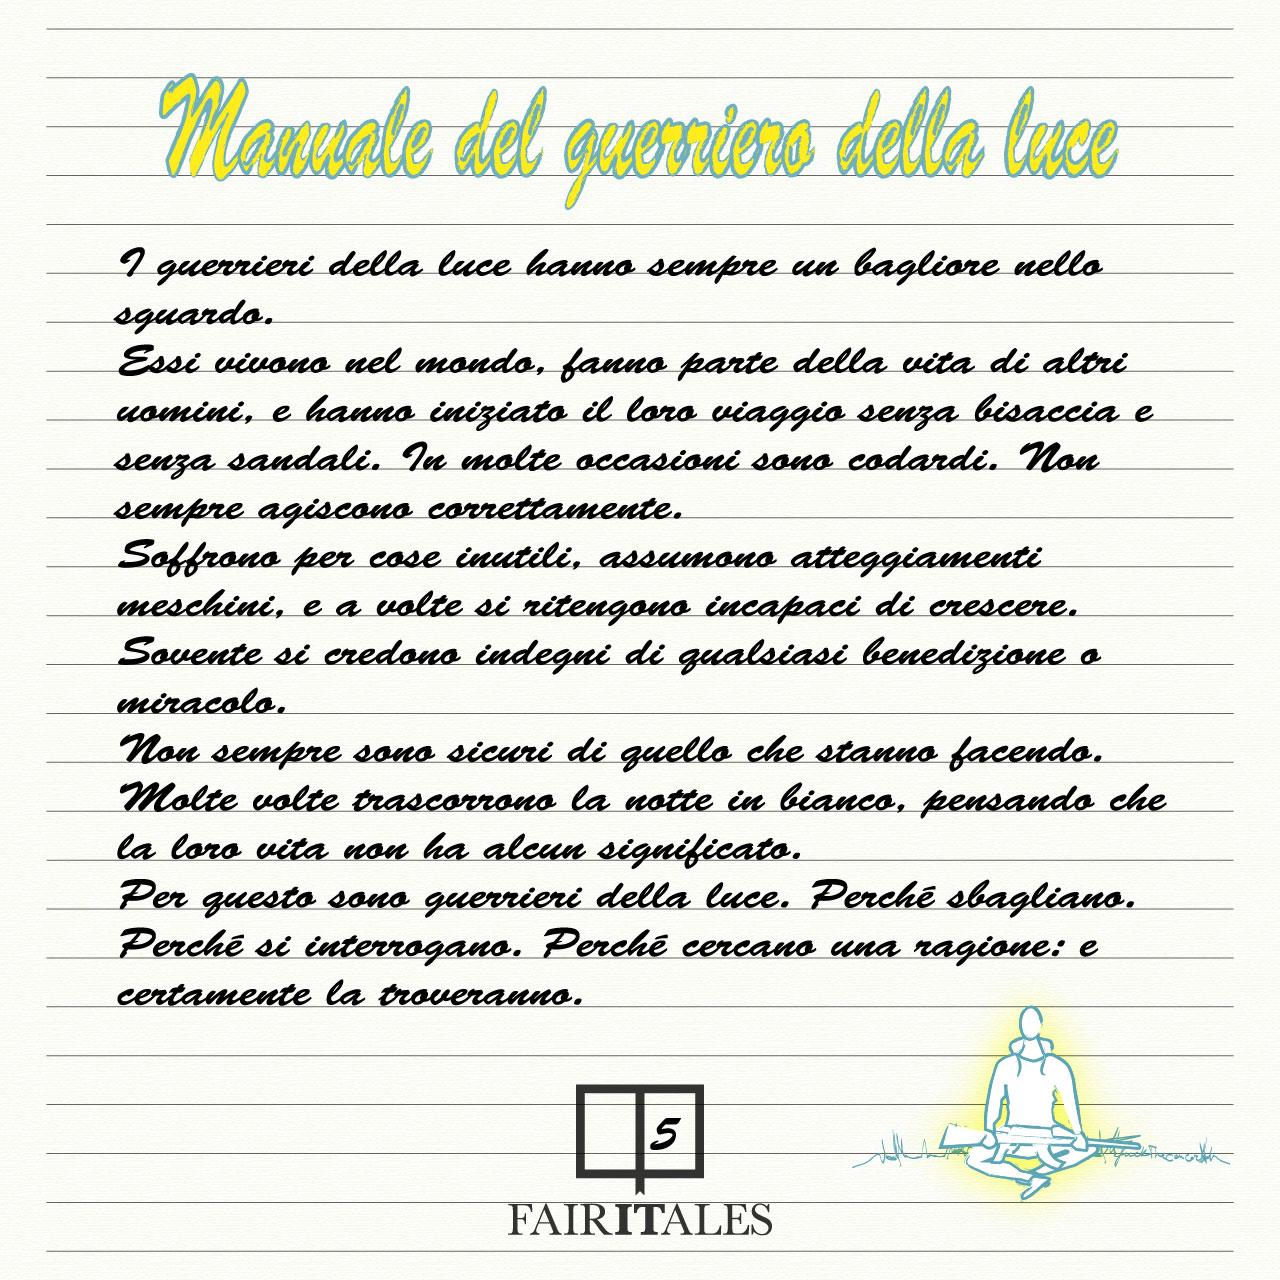 Exceptionnel Manuale del guerriero della luce. | Fairitales SD07